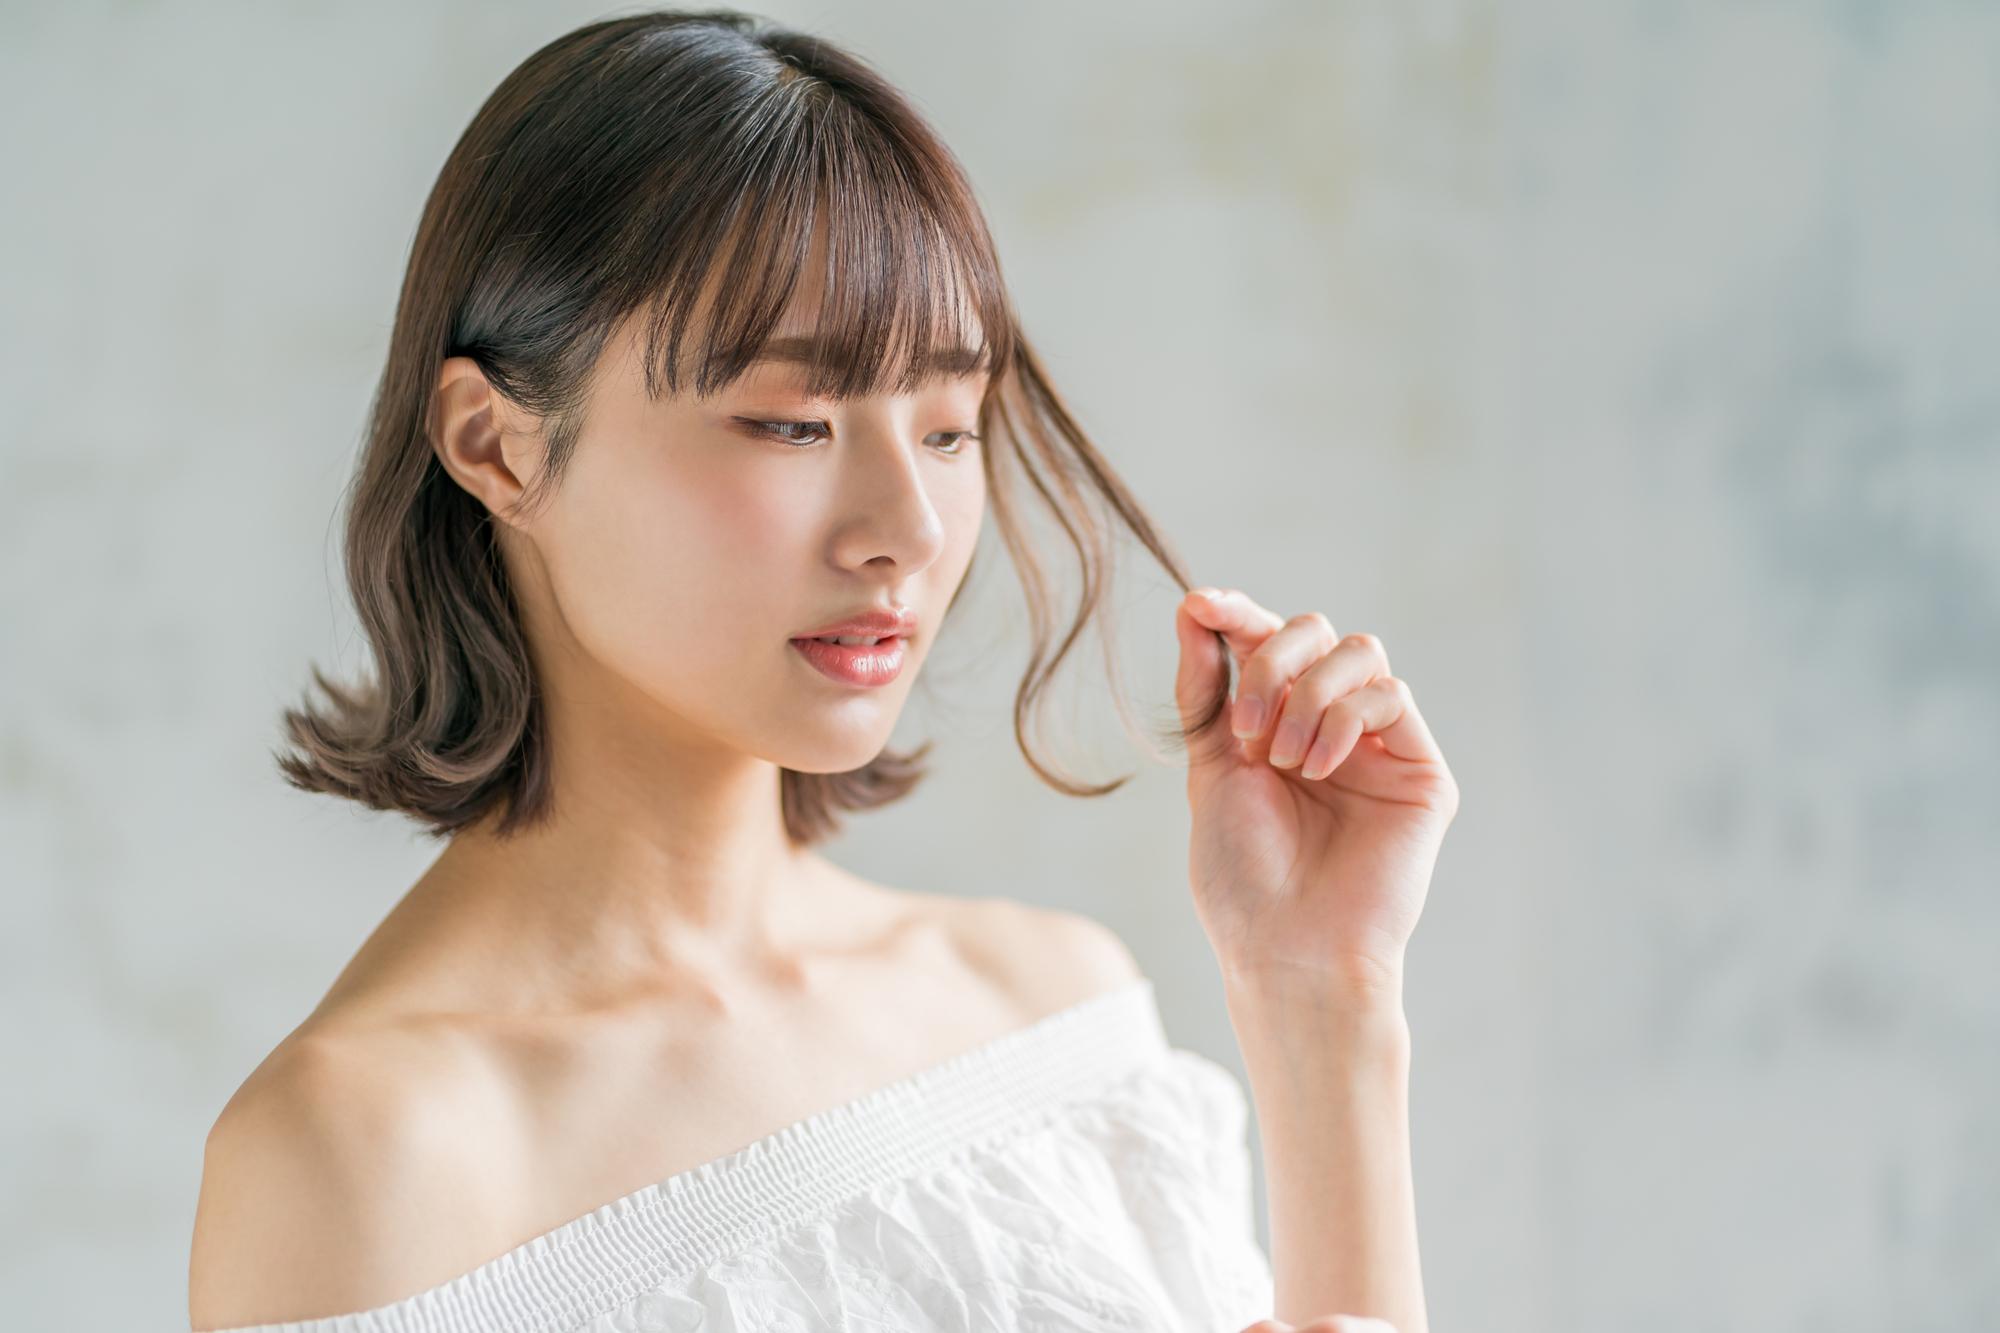 【美容師解説】シャンプーの後に髪の毛がきしむ原因って?